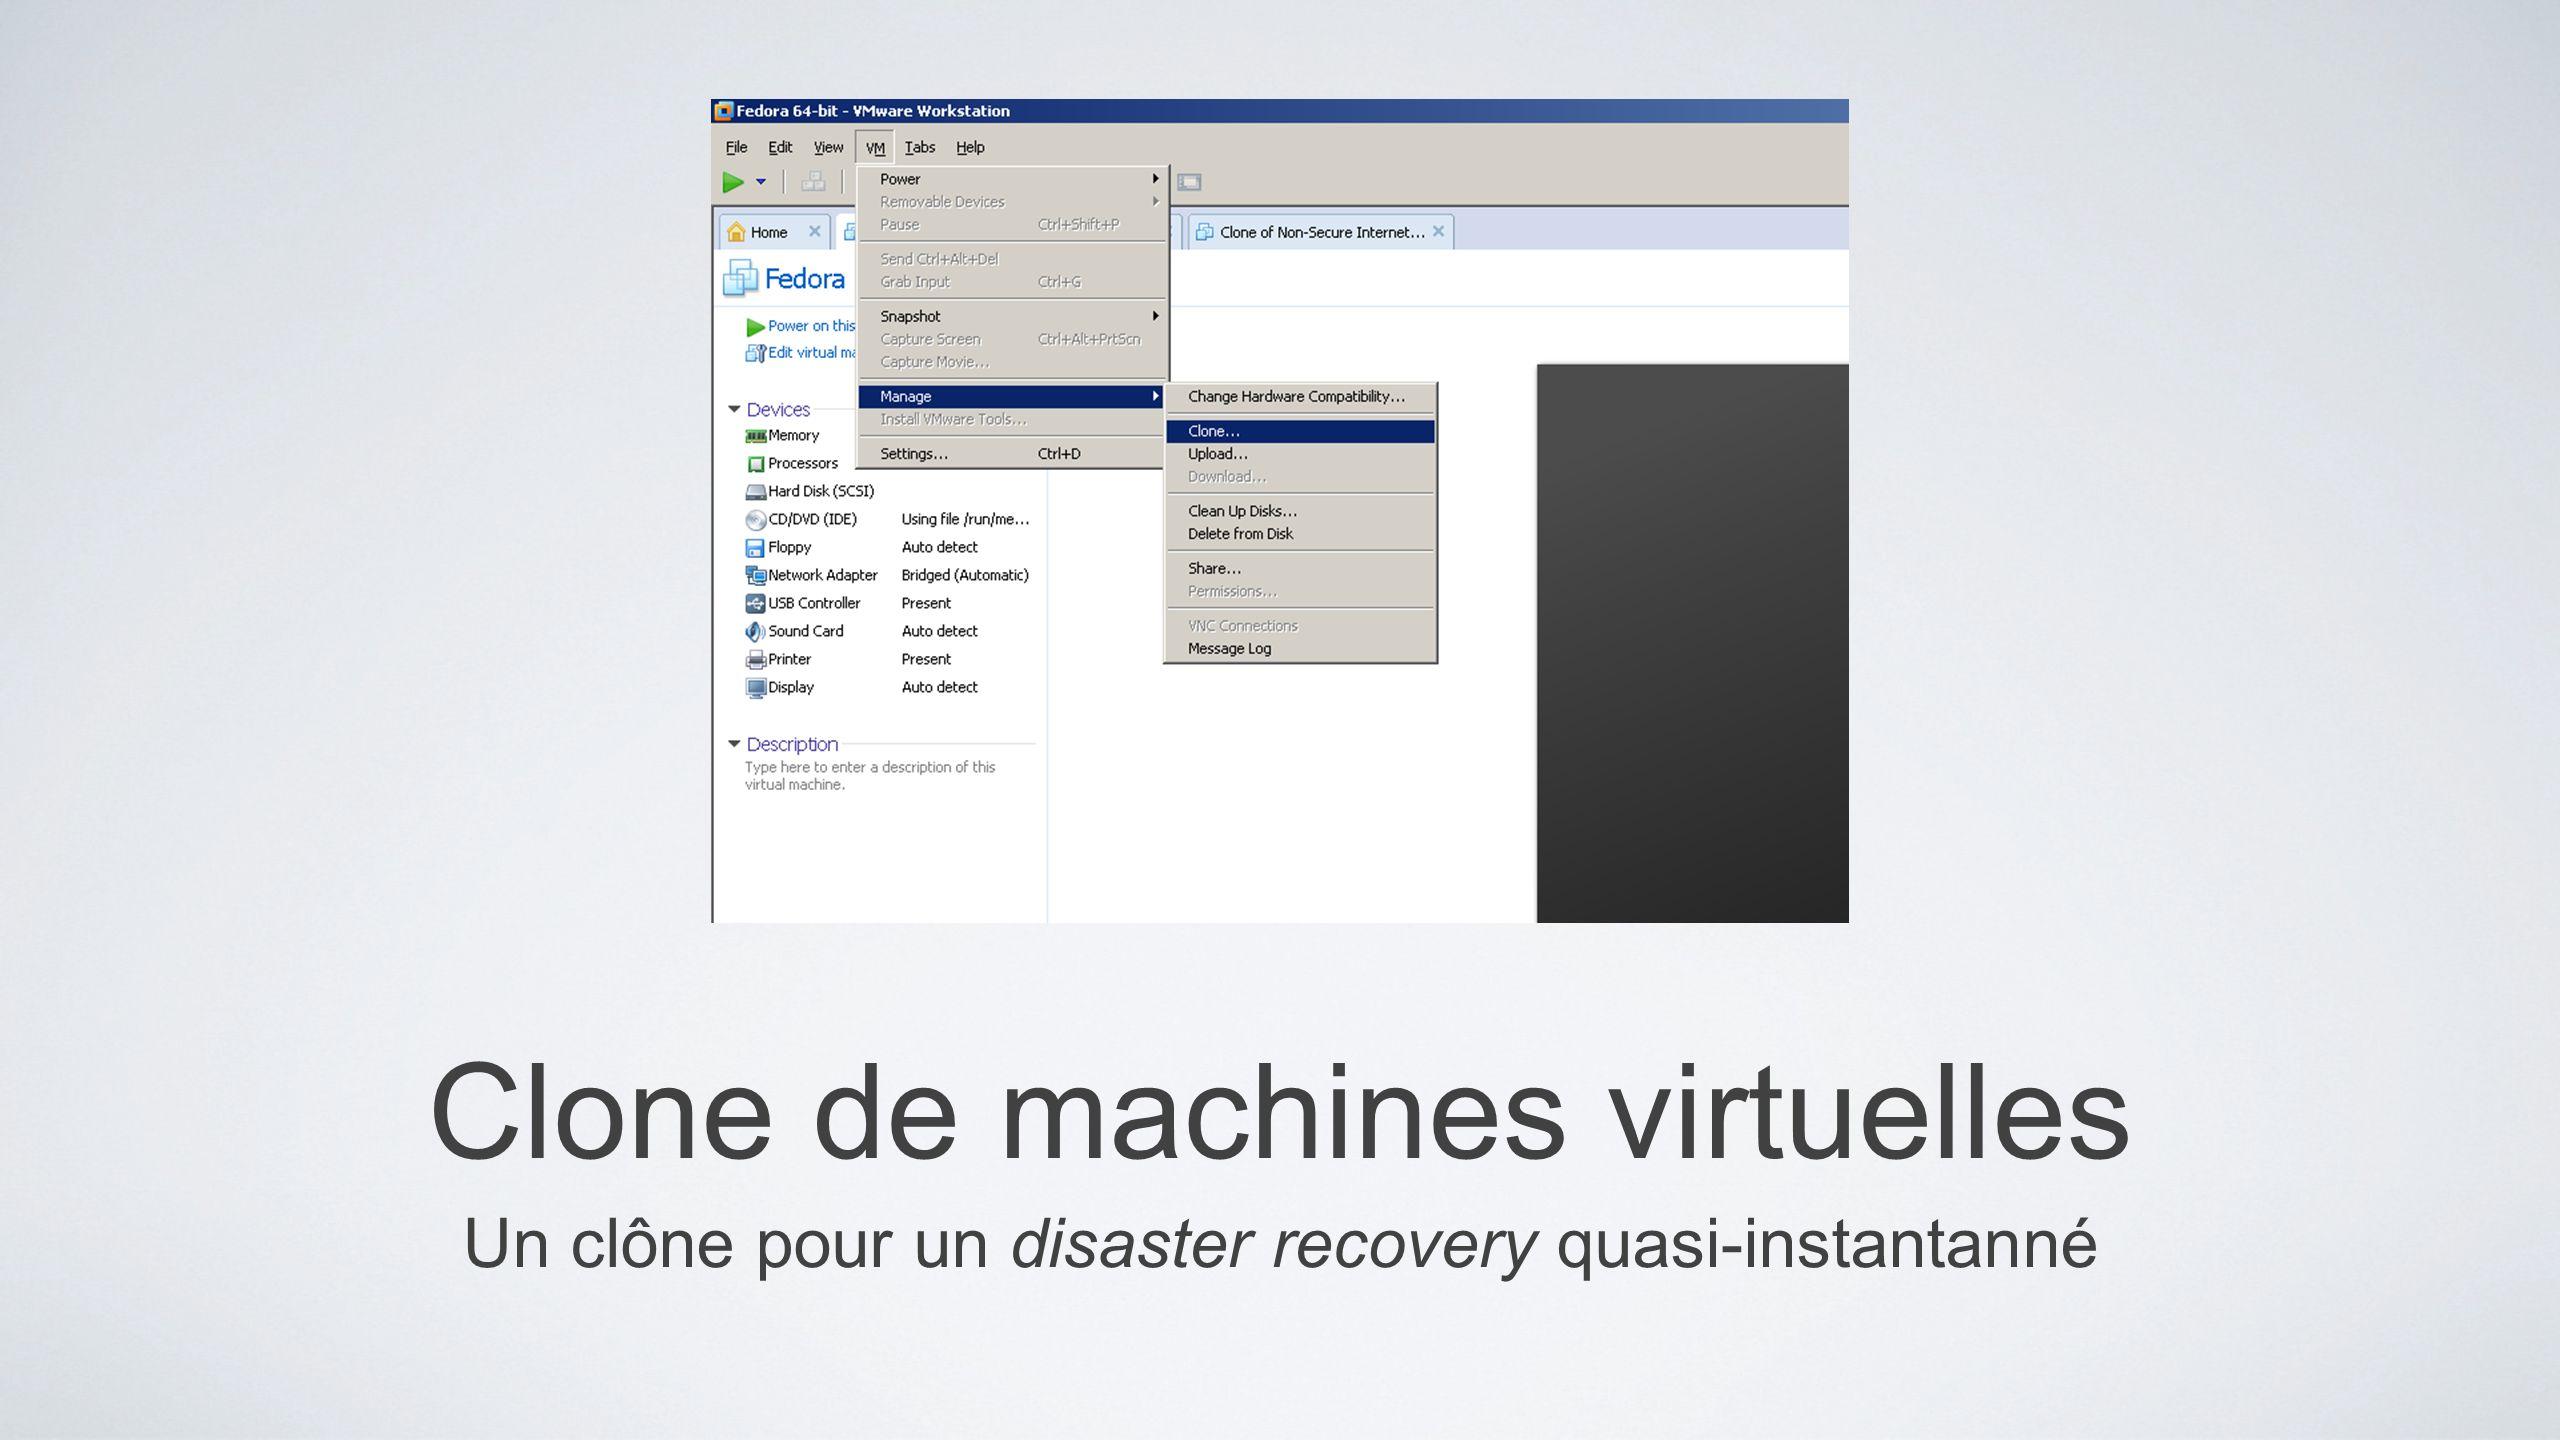 Clone de machines virtuelles